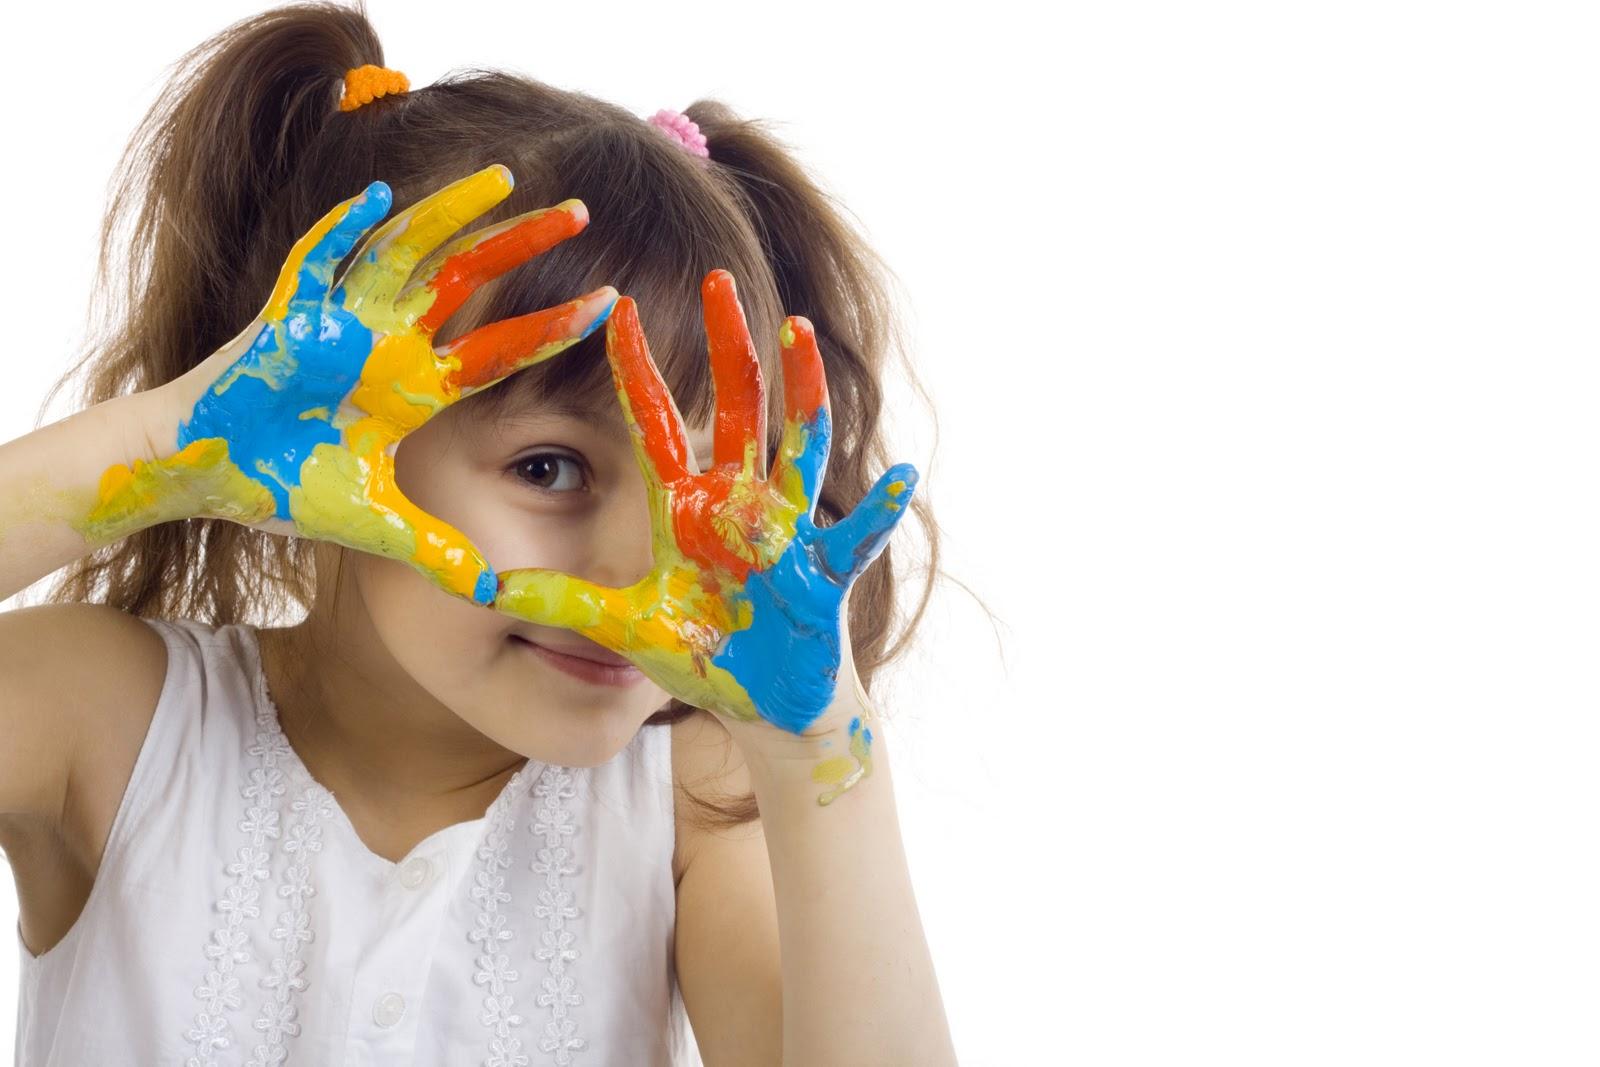 http://2.bp.blogspot.com/-wTZhi6sU1xM/Tqb-OSgEPLI/AAAAAAAAAyY/YtRntTnoiFI/s1600/Child_and_paint_Wallpapers+%25281%2529.jpg